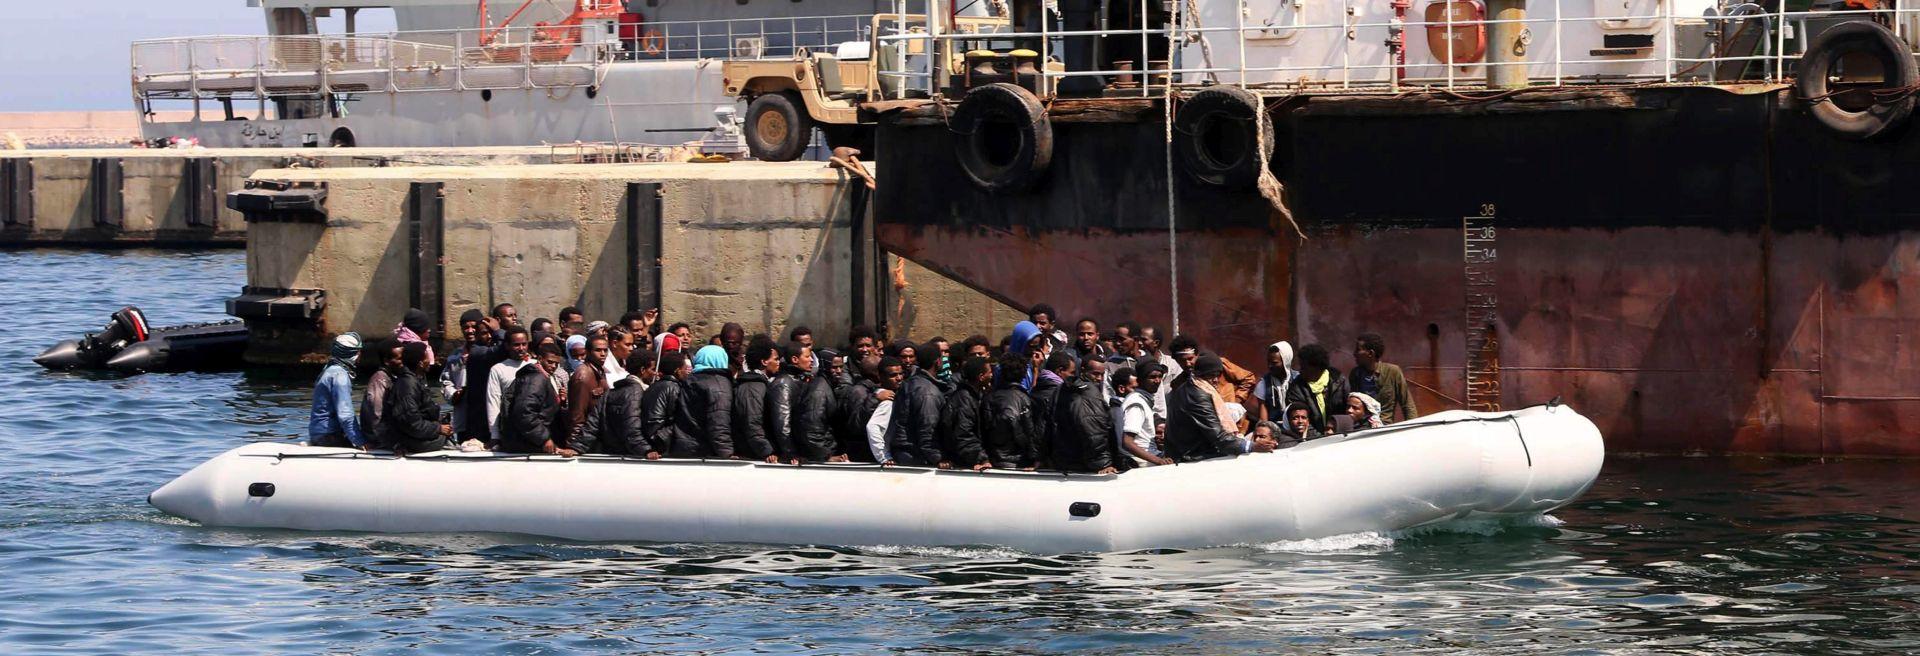 Ove godine u Italiju stiglo 50.000 migranata, dogovor sa zemljama koje graniče s Libijom